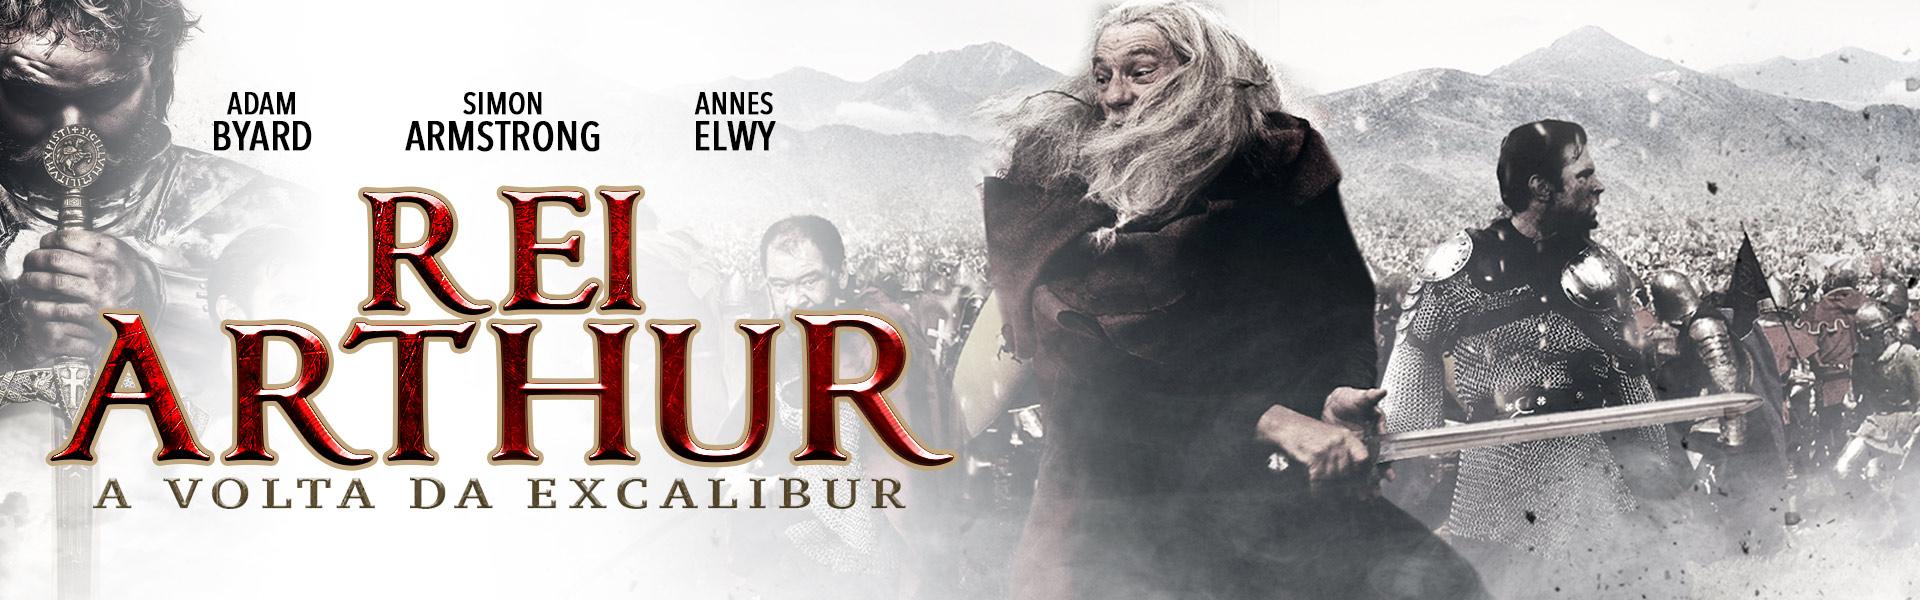 Rei Arthur - A Volta da Excalibur